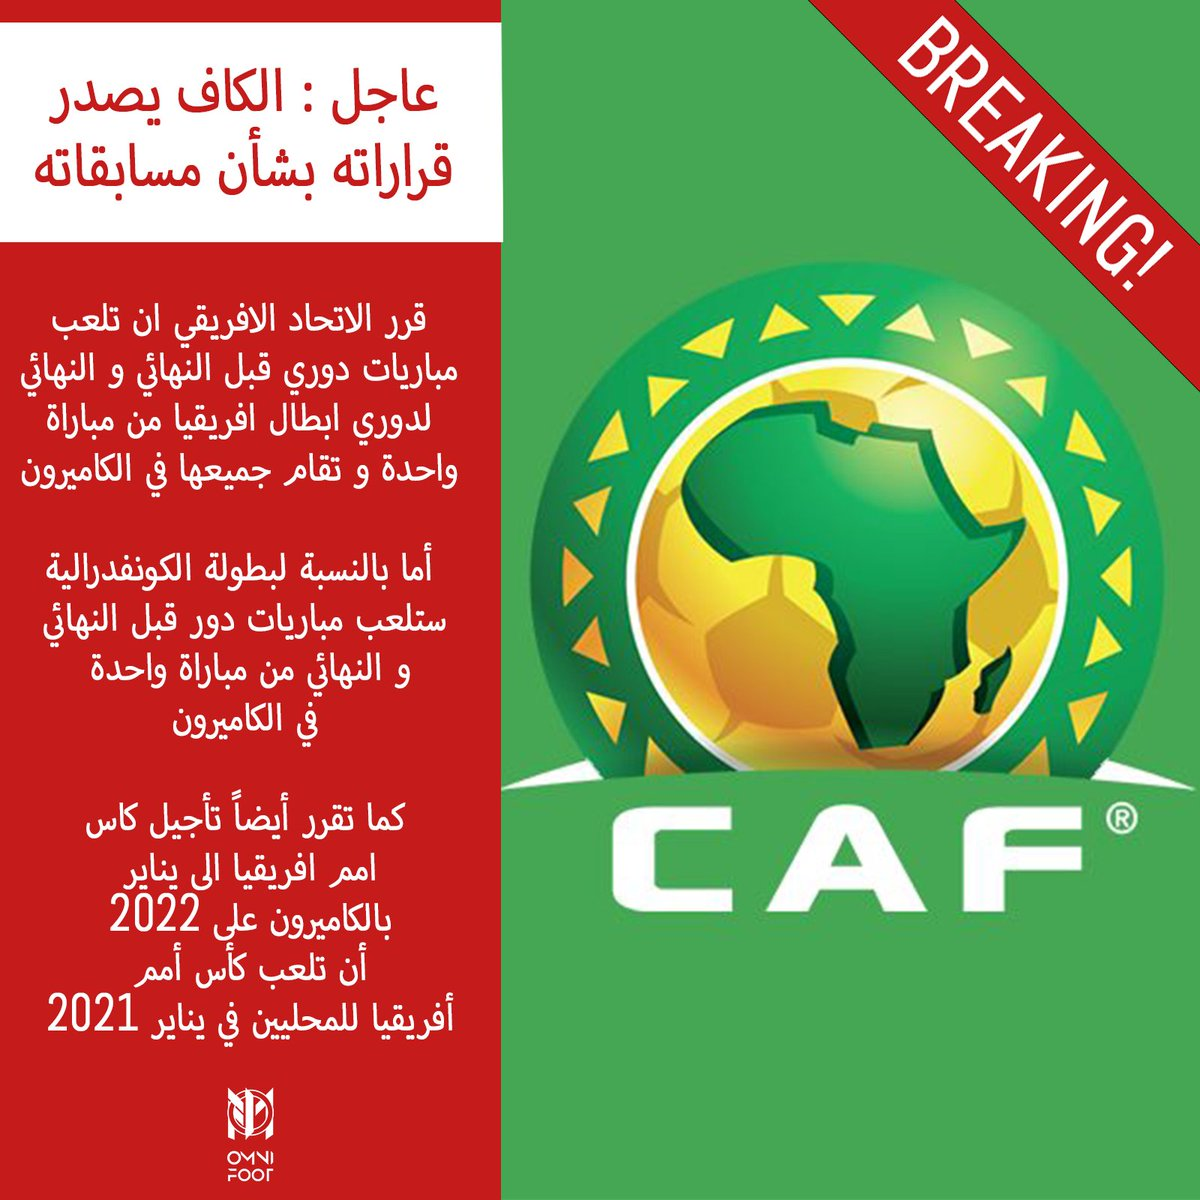 #CAF #africanfootball #football #FootballNewspic.twitter.com/flQCee6dO2